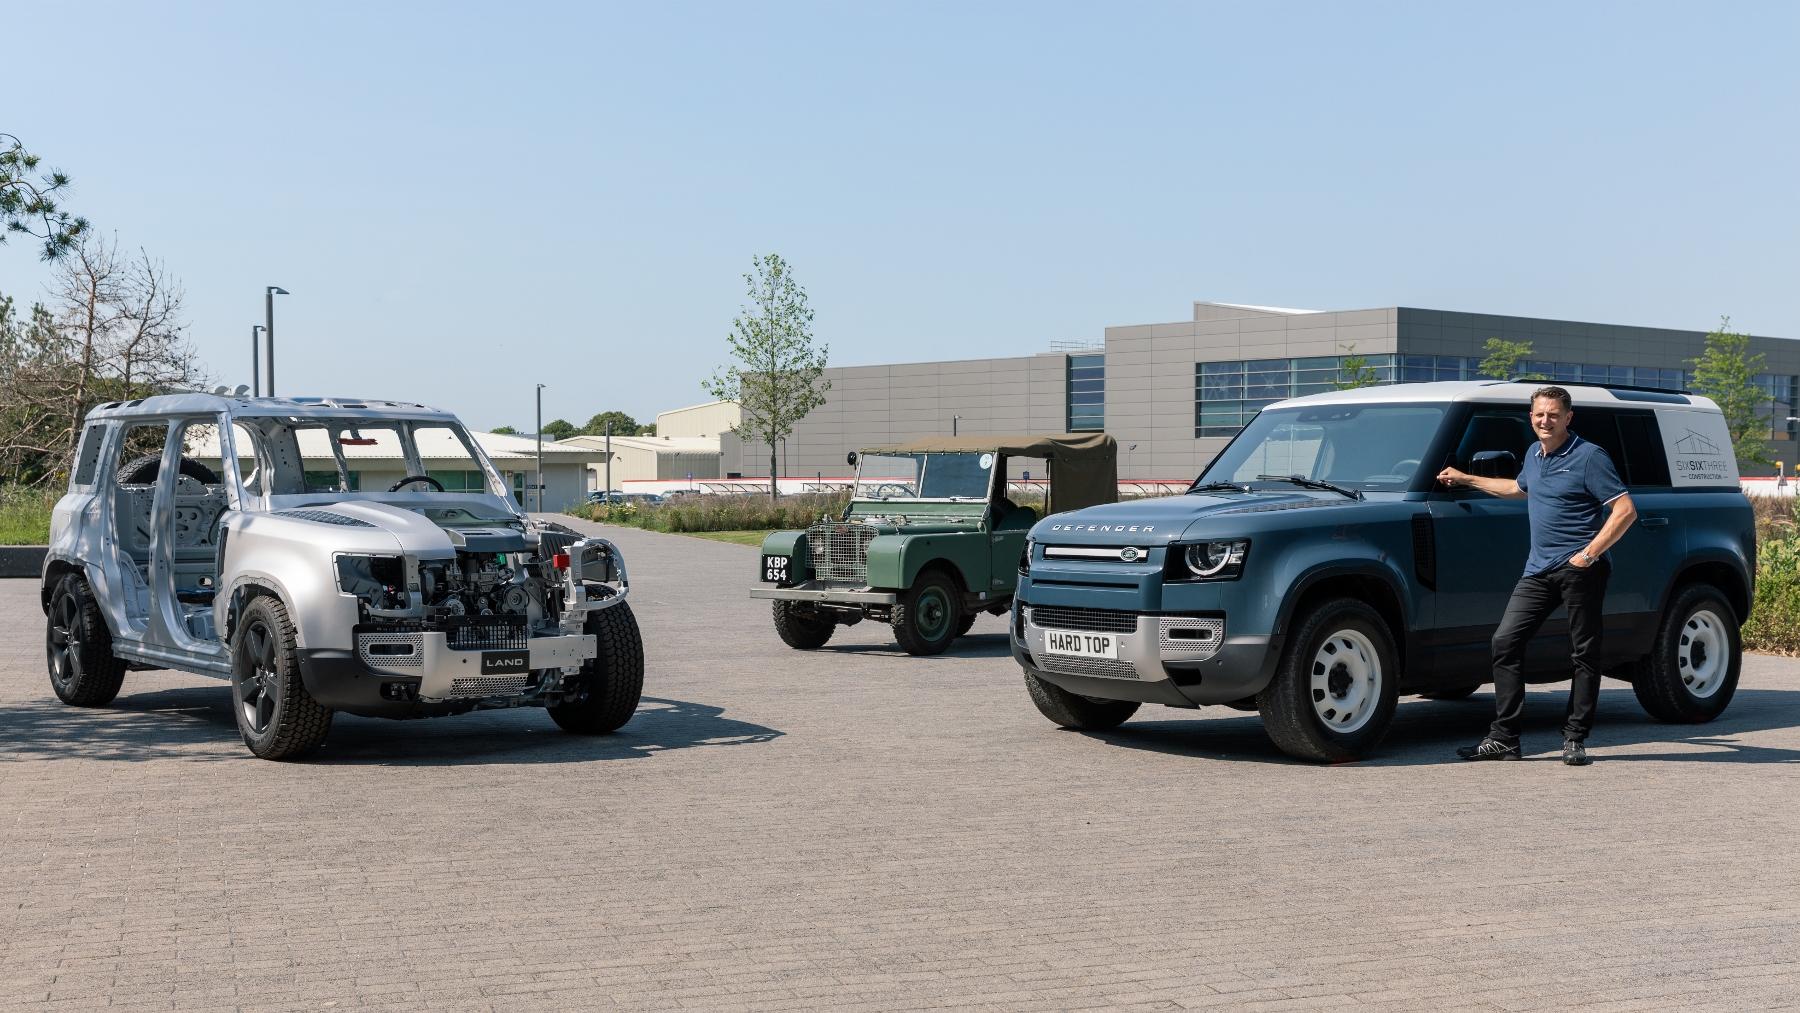 Nový Land Rover Defender prichádza v úžitkovej verzii Hard Top J7ZTznQBD7 5lrdefhardtopnickrogers300